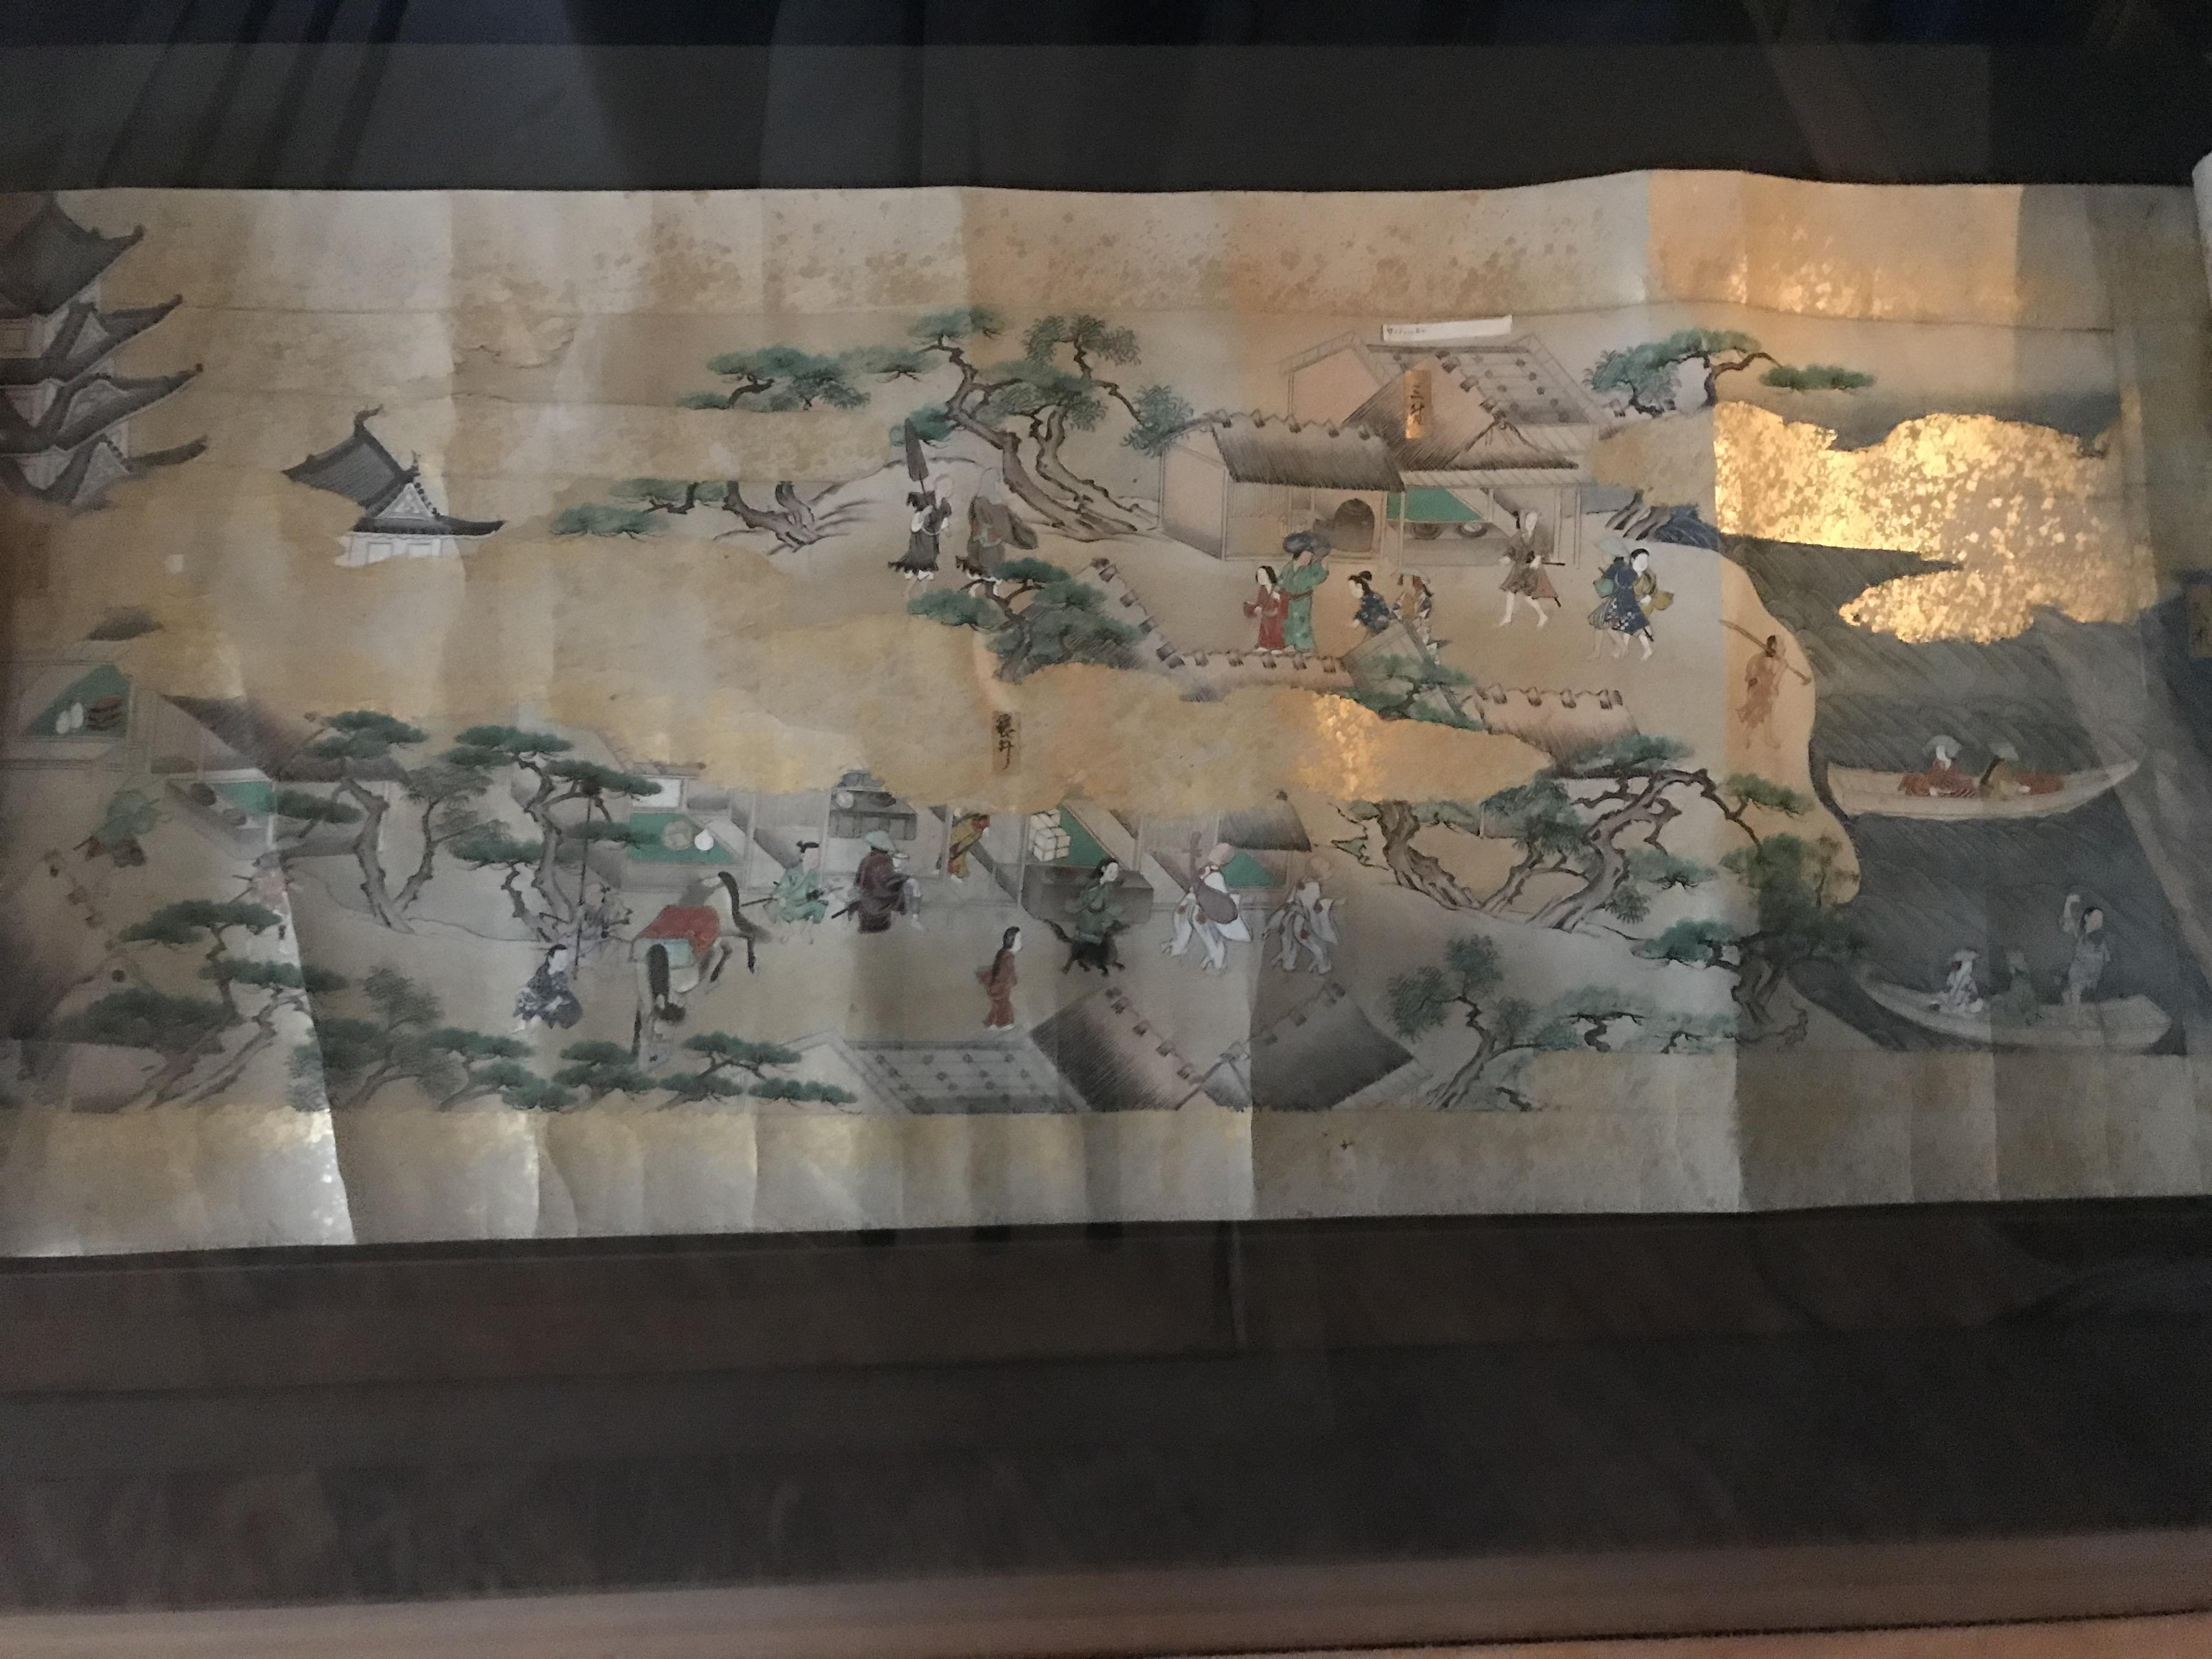 日本博物館シーボルトハウス